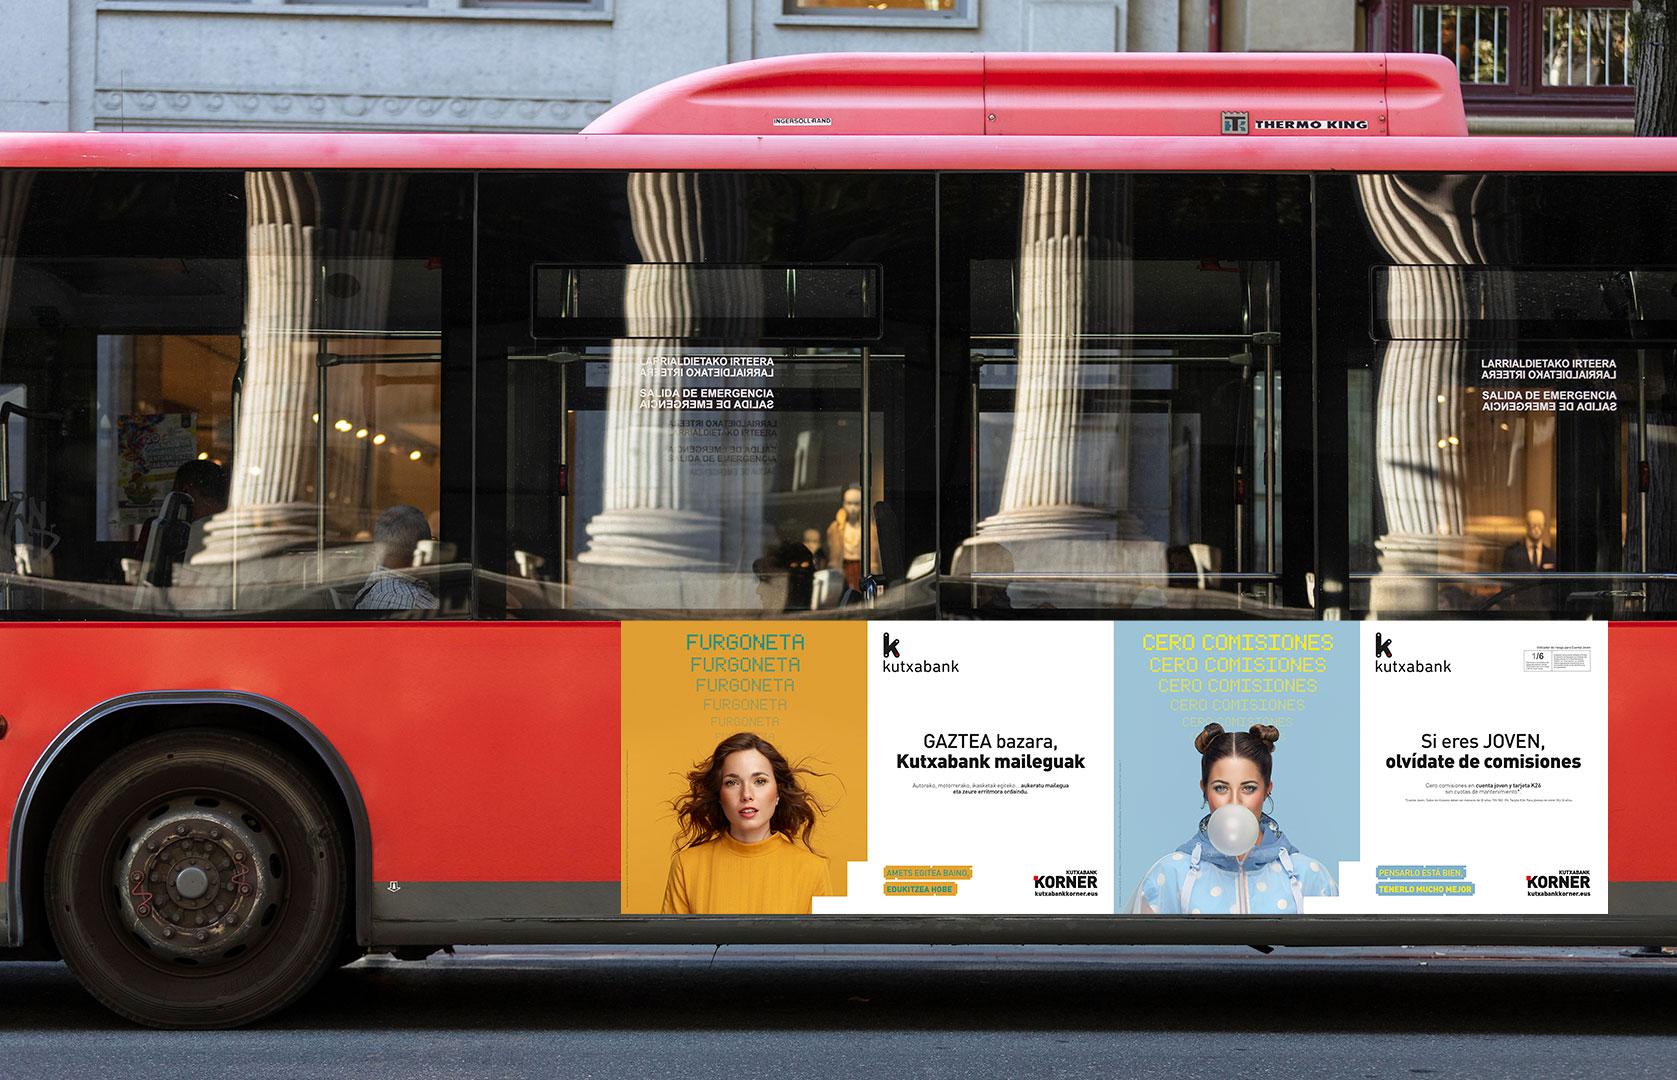 Kutxabank korner publicidad Autobus Bilbao Comunicación corporativa Estrategia de marca